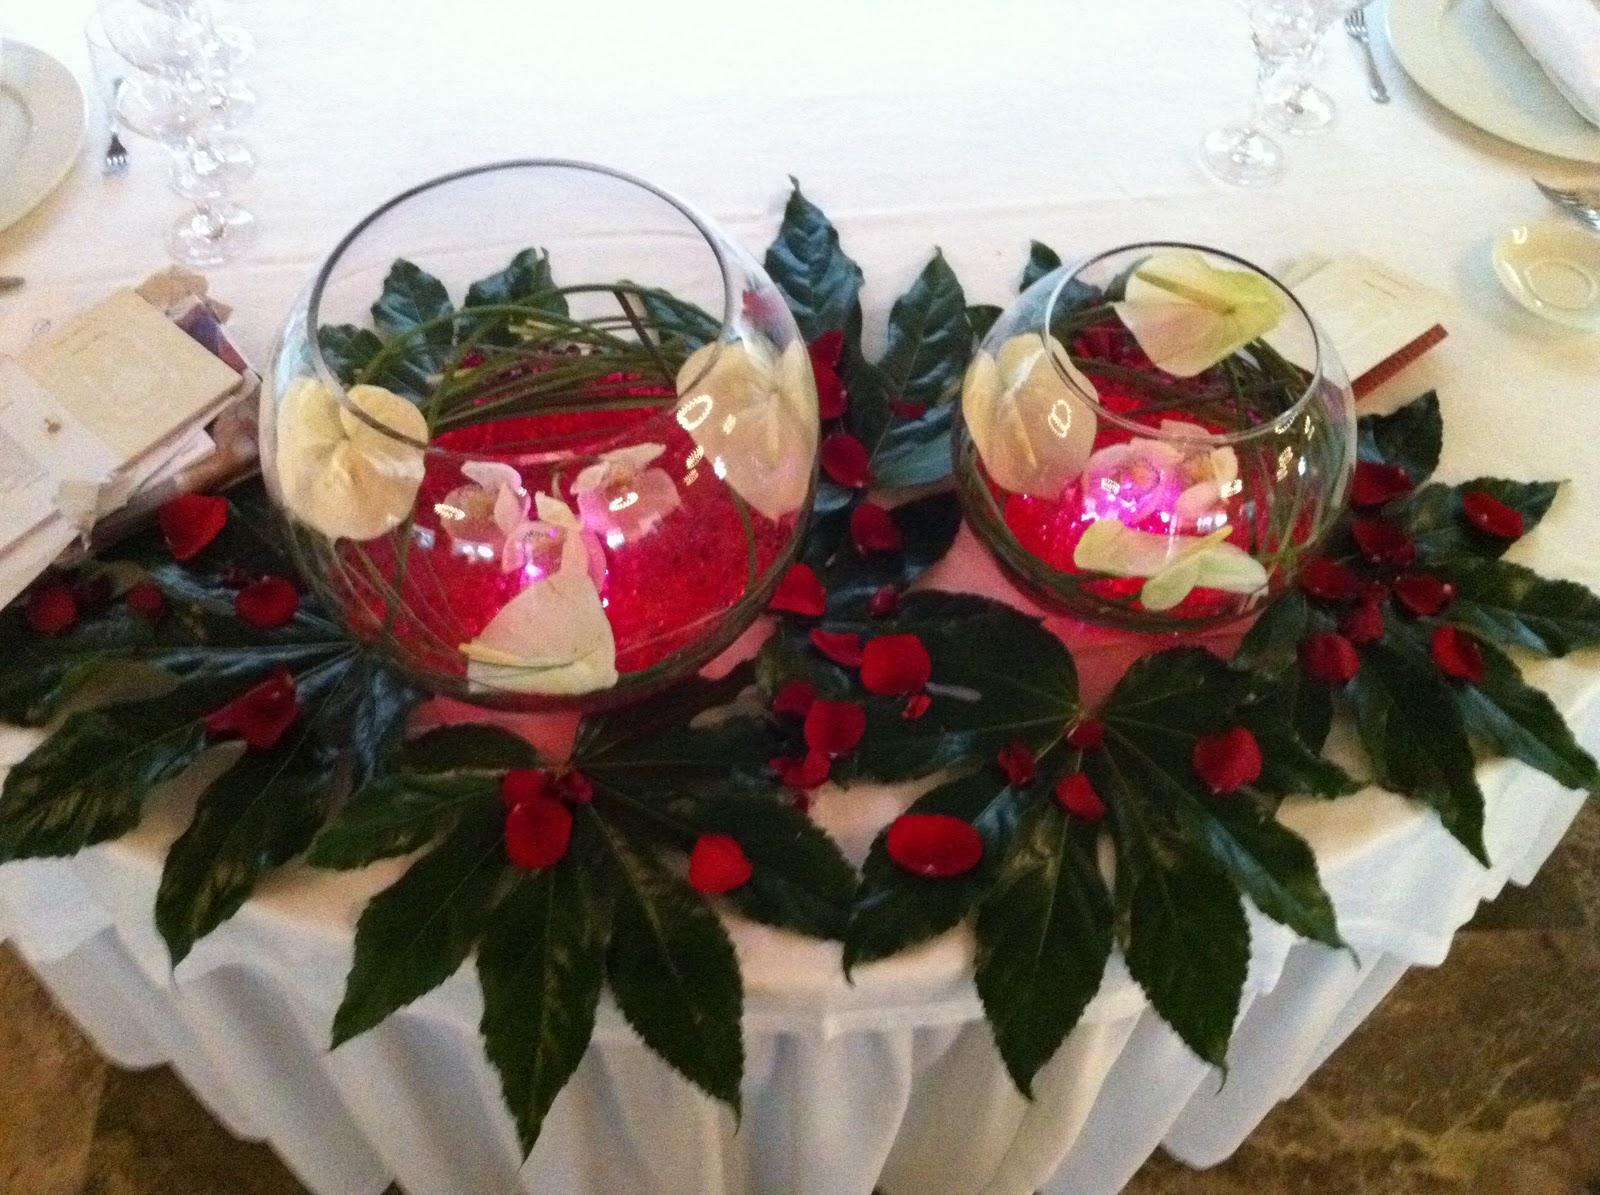 Peceras decoradas para bodas imagui - Decoraciones de peceras ...